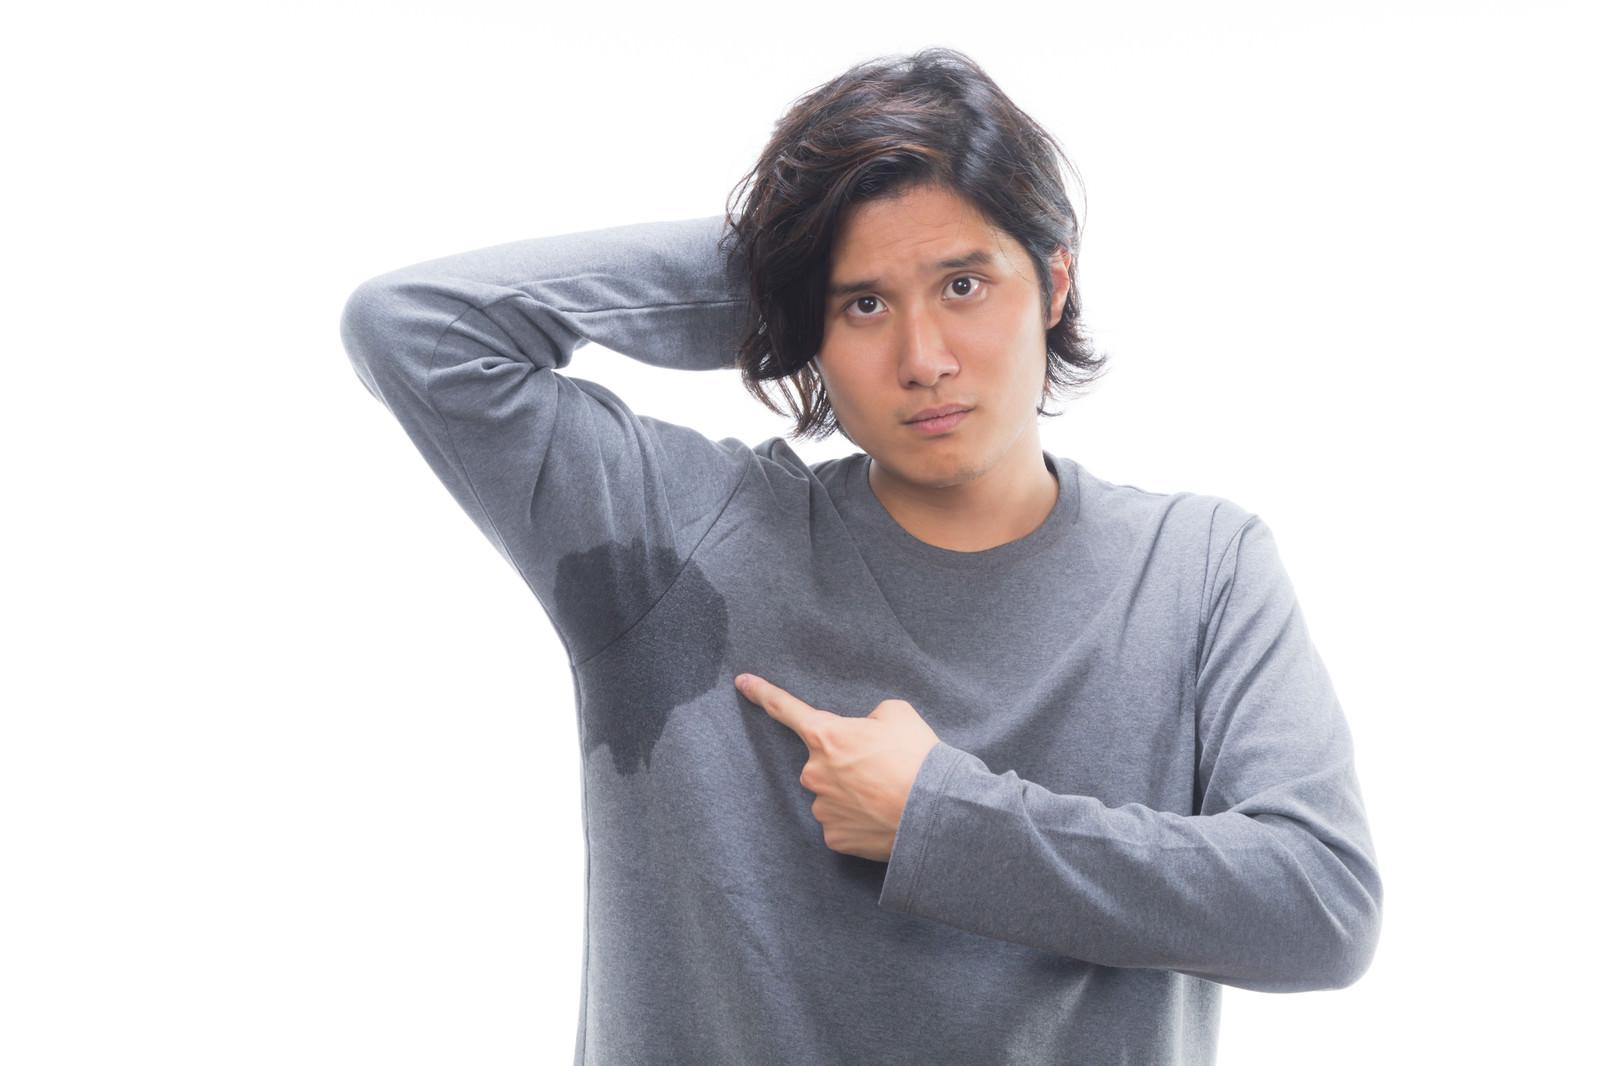 「片脇の汗が尋常じゃない男性」の写真[モデル:竹田匡宏]